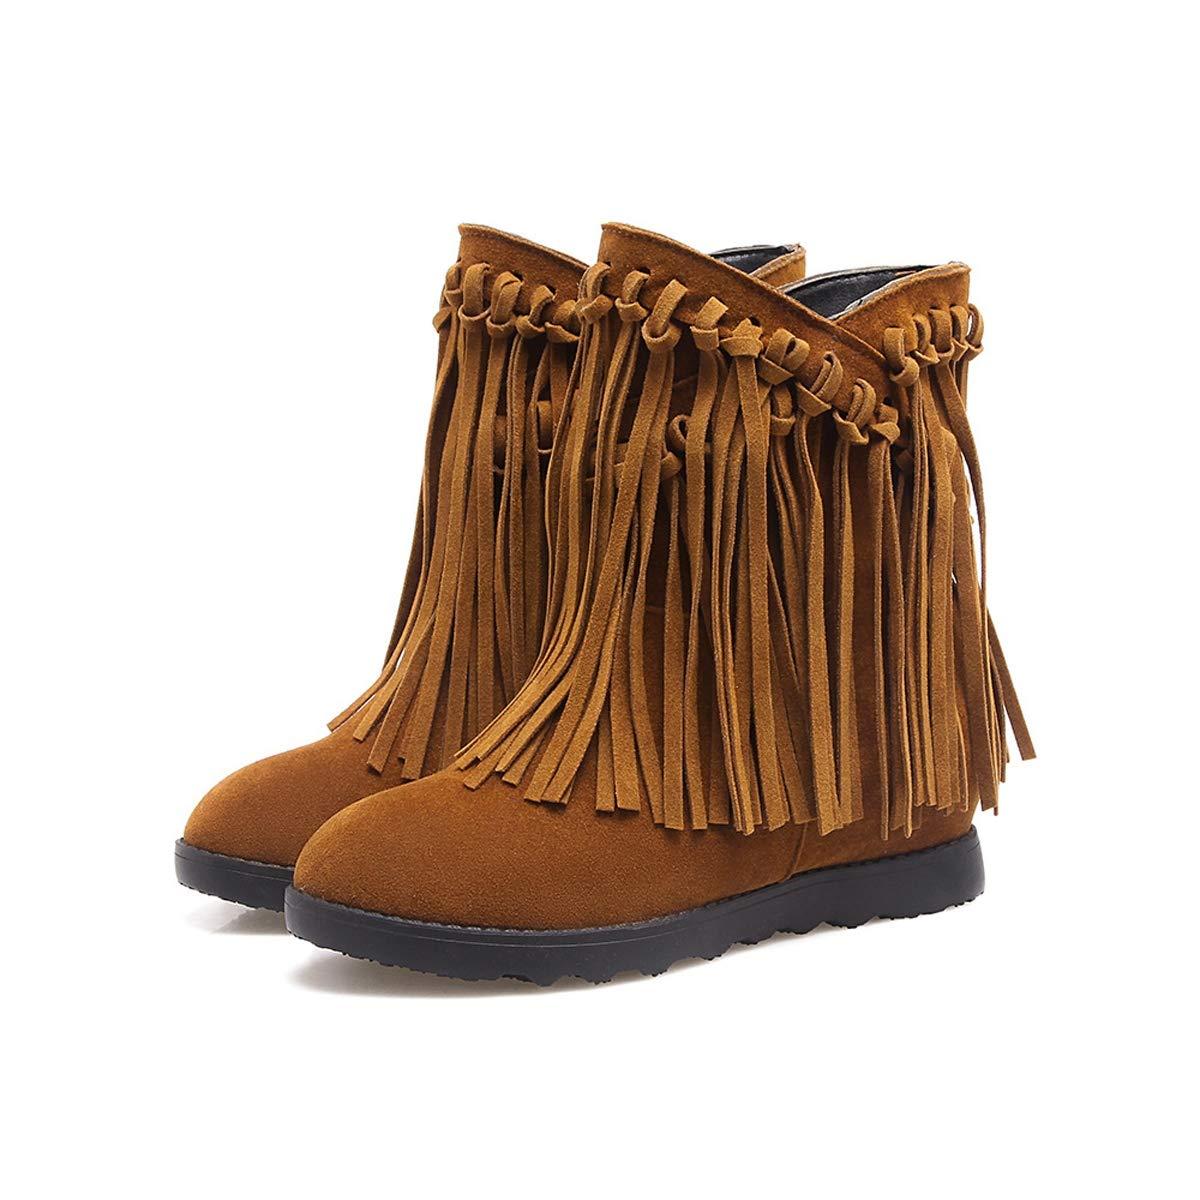 Adong Mujer Martin Botas Borla Ante Color Color Color sólido Zapatos Planos Antideslizante Resistente al Desgaste Durable fácil de Combinar en Zapatos de Caminar al Aire Libre,D,36EU 612012